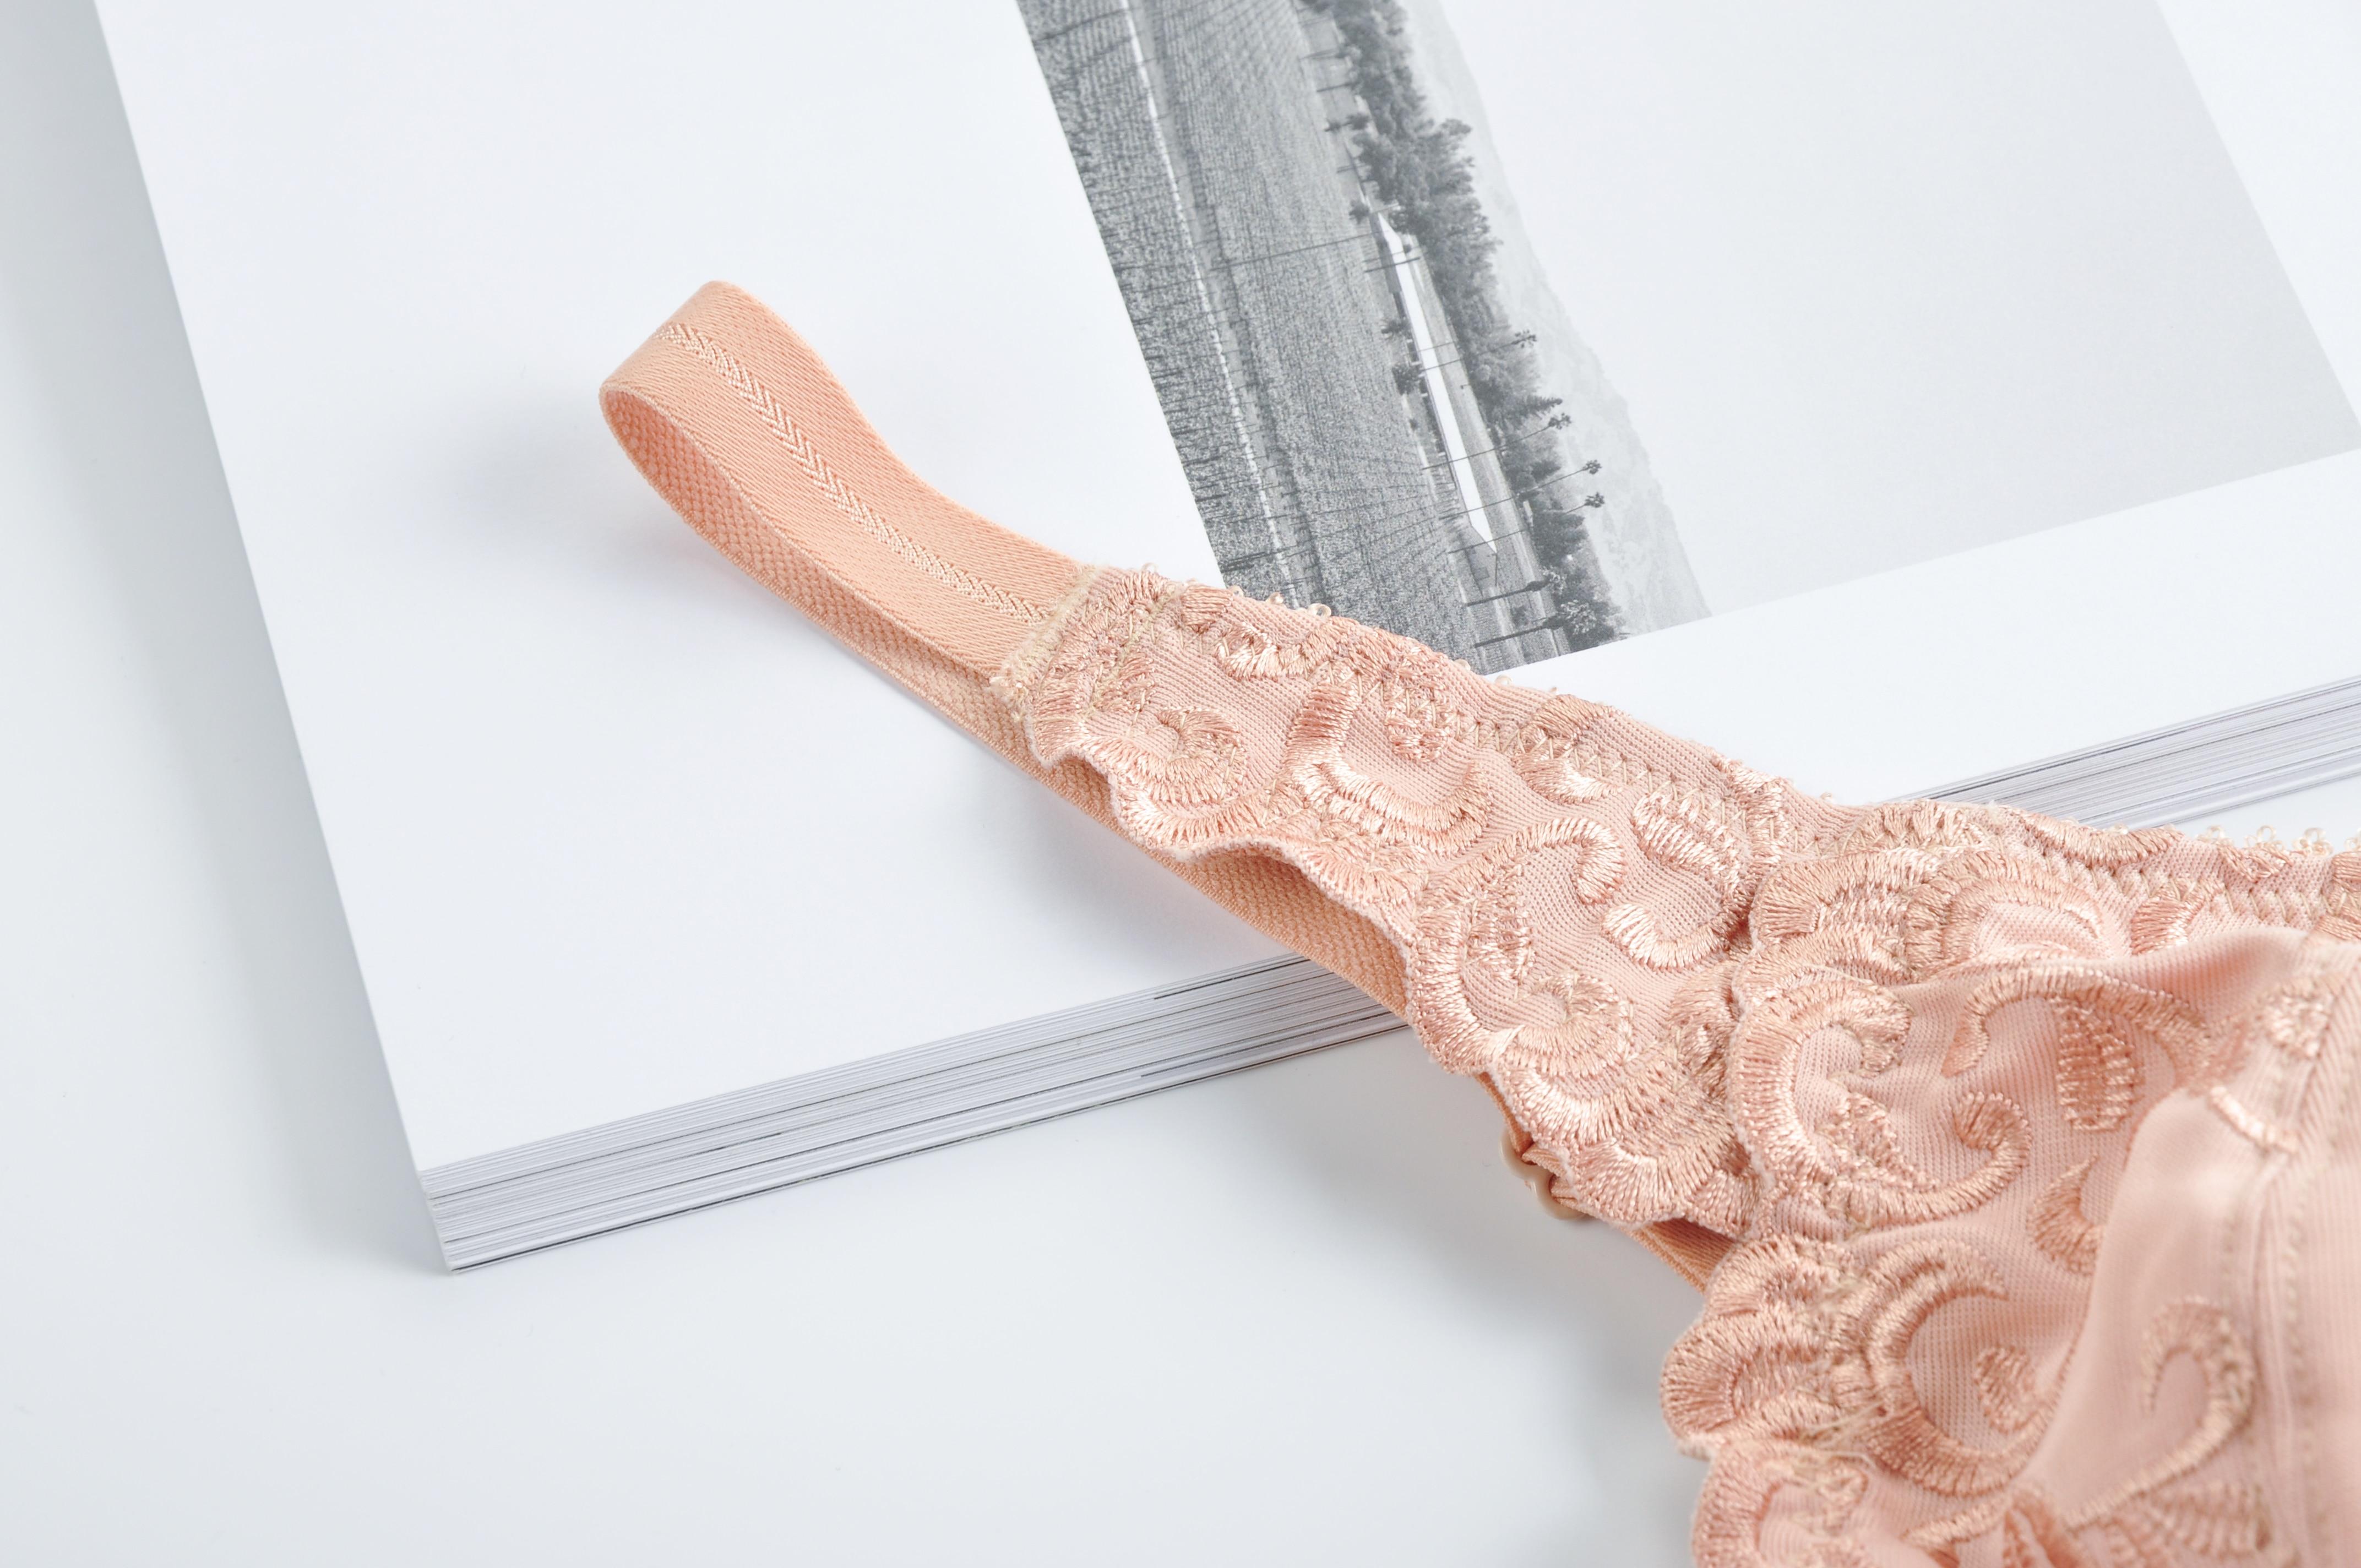 Бюстгальтер-минимайзер с цветочной вышивкой на косточках с полным покрытием 34 36 38 40 42 C-F